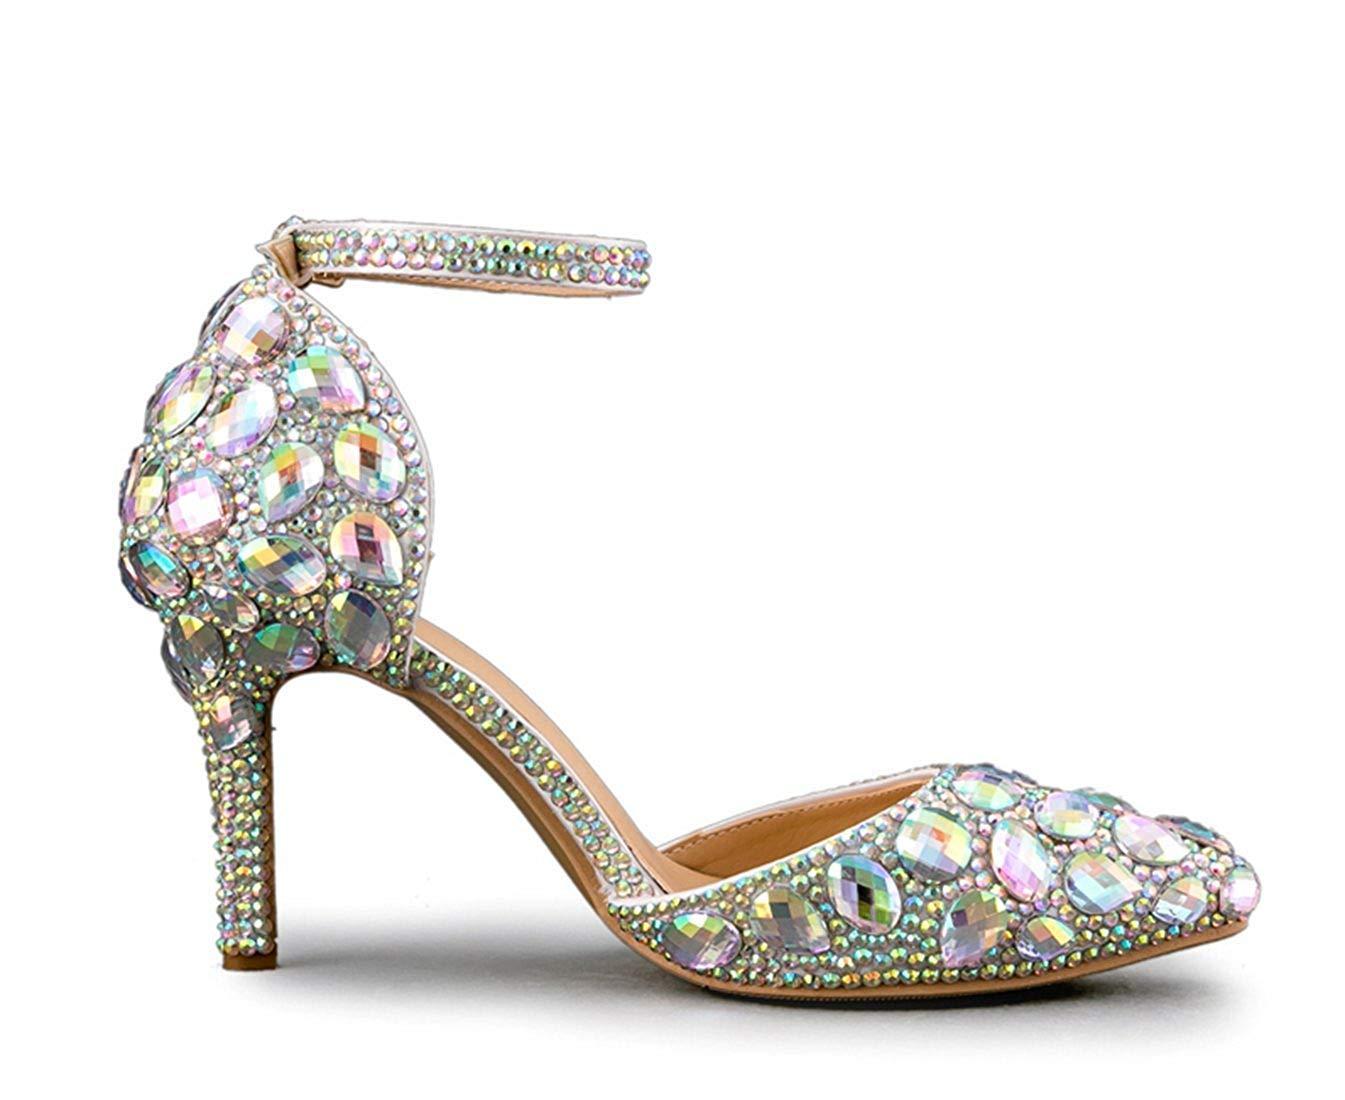 Qiusa Damen Funkelnde Knöchelriemen Silber Braut Hochzeit Schuhe Schuhe Schuhe mit Kristallen Rhinestons UK 2.5 (Farbe   - Größe   -) 9a2ef3